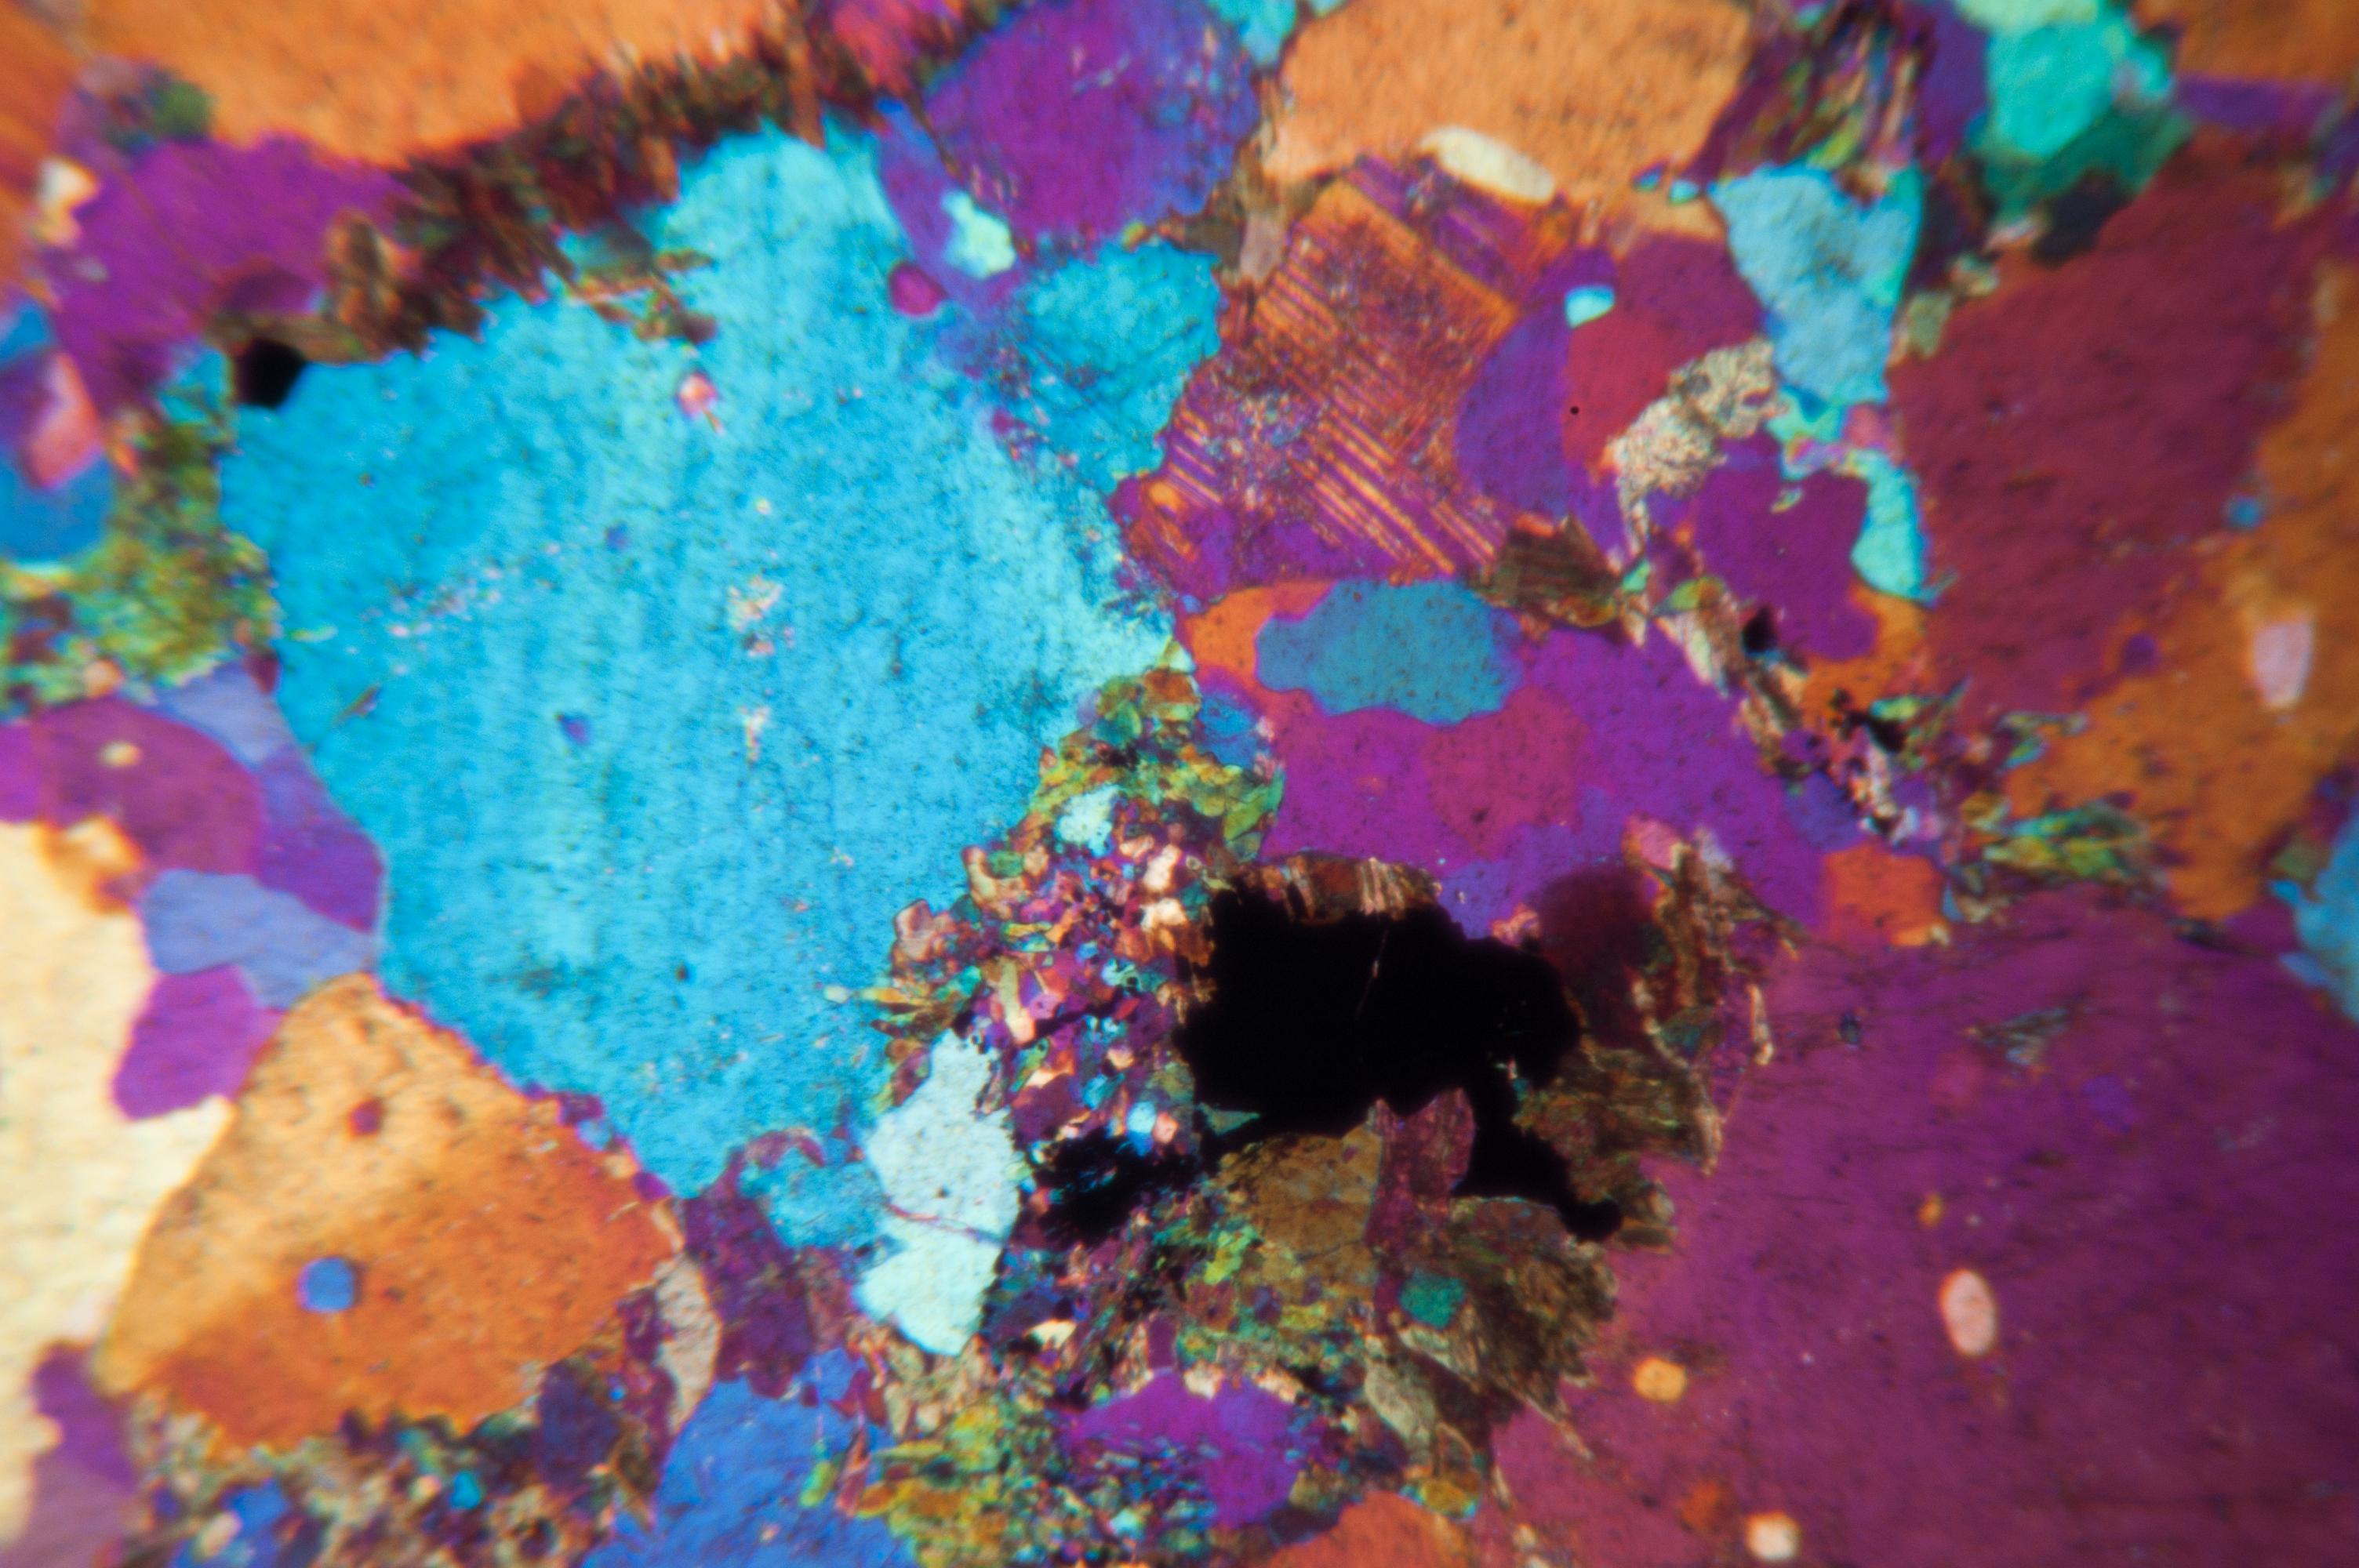 micrograph10.jpg